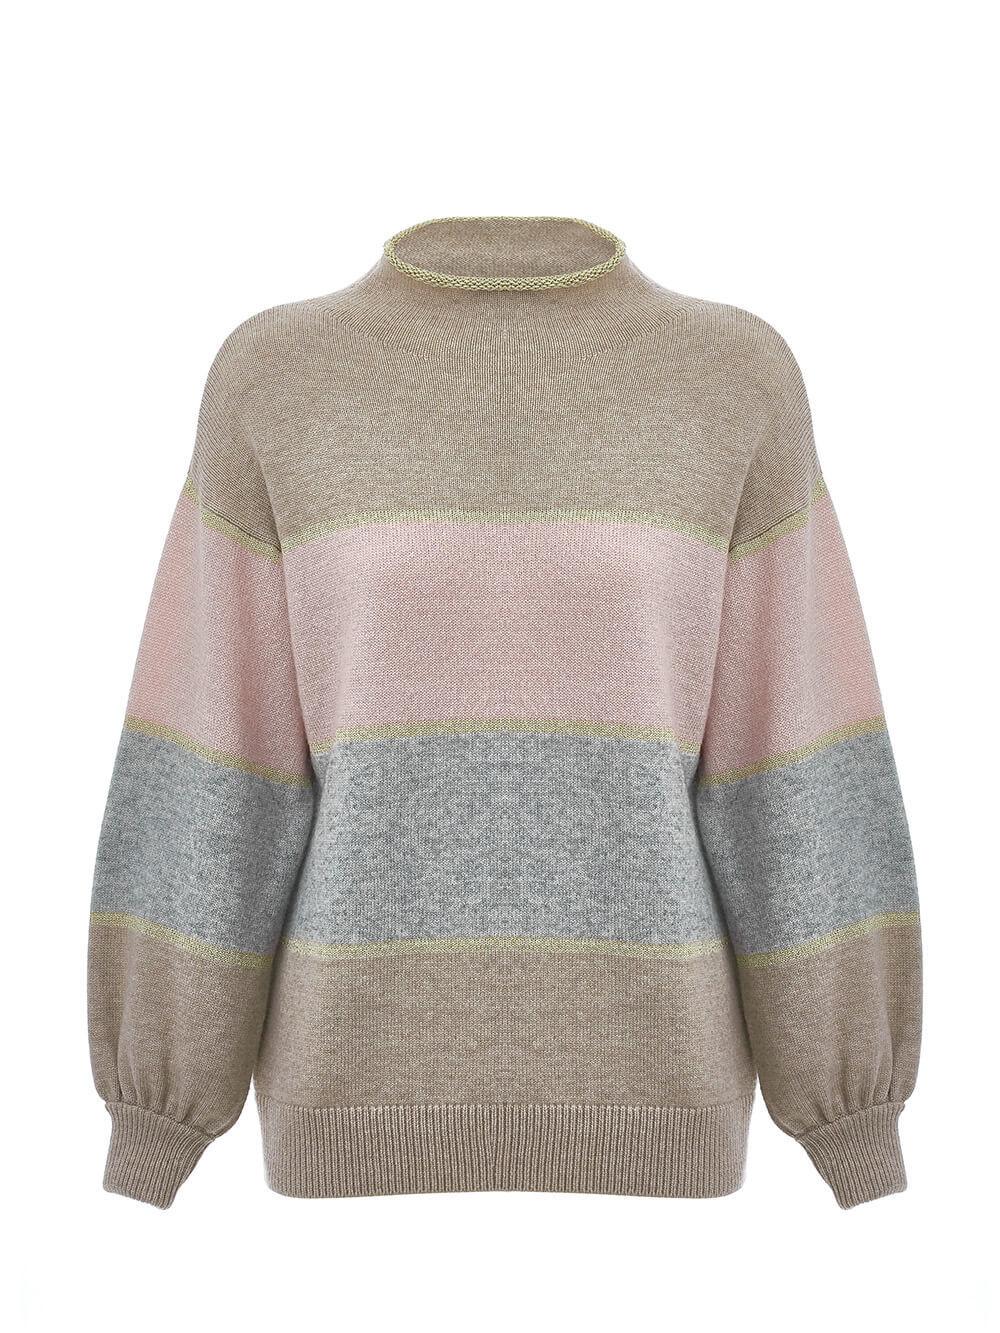 Женский свитер бежевого цвета из шерсти и кашемира в полоску - фото 1